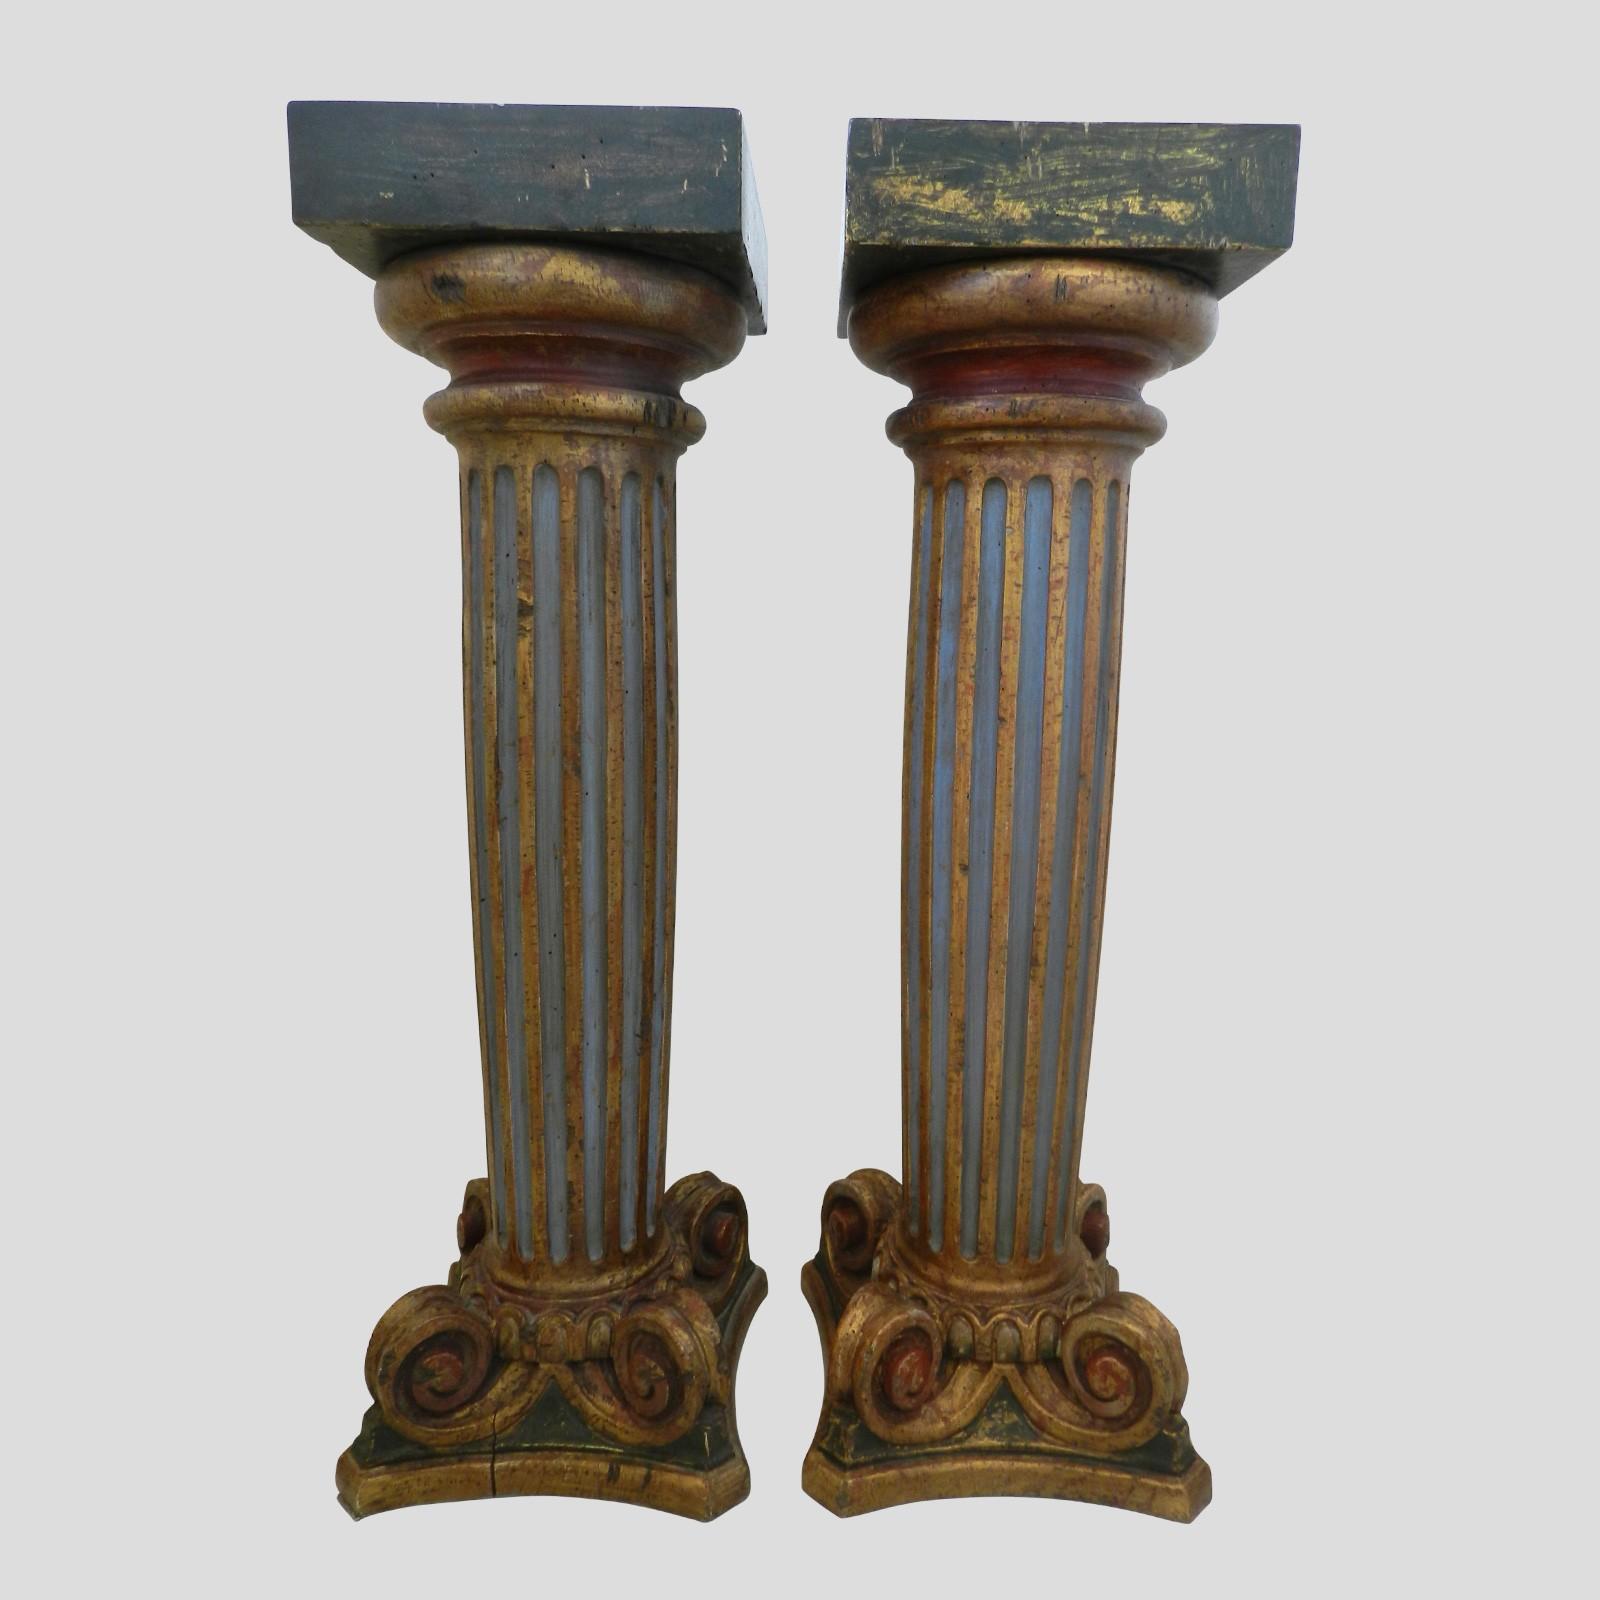 pair of carved wood columns